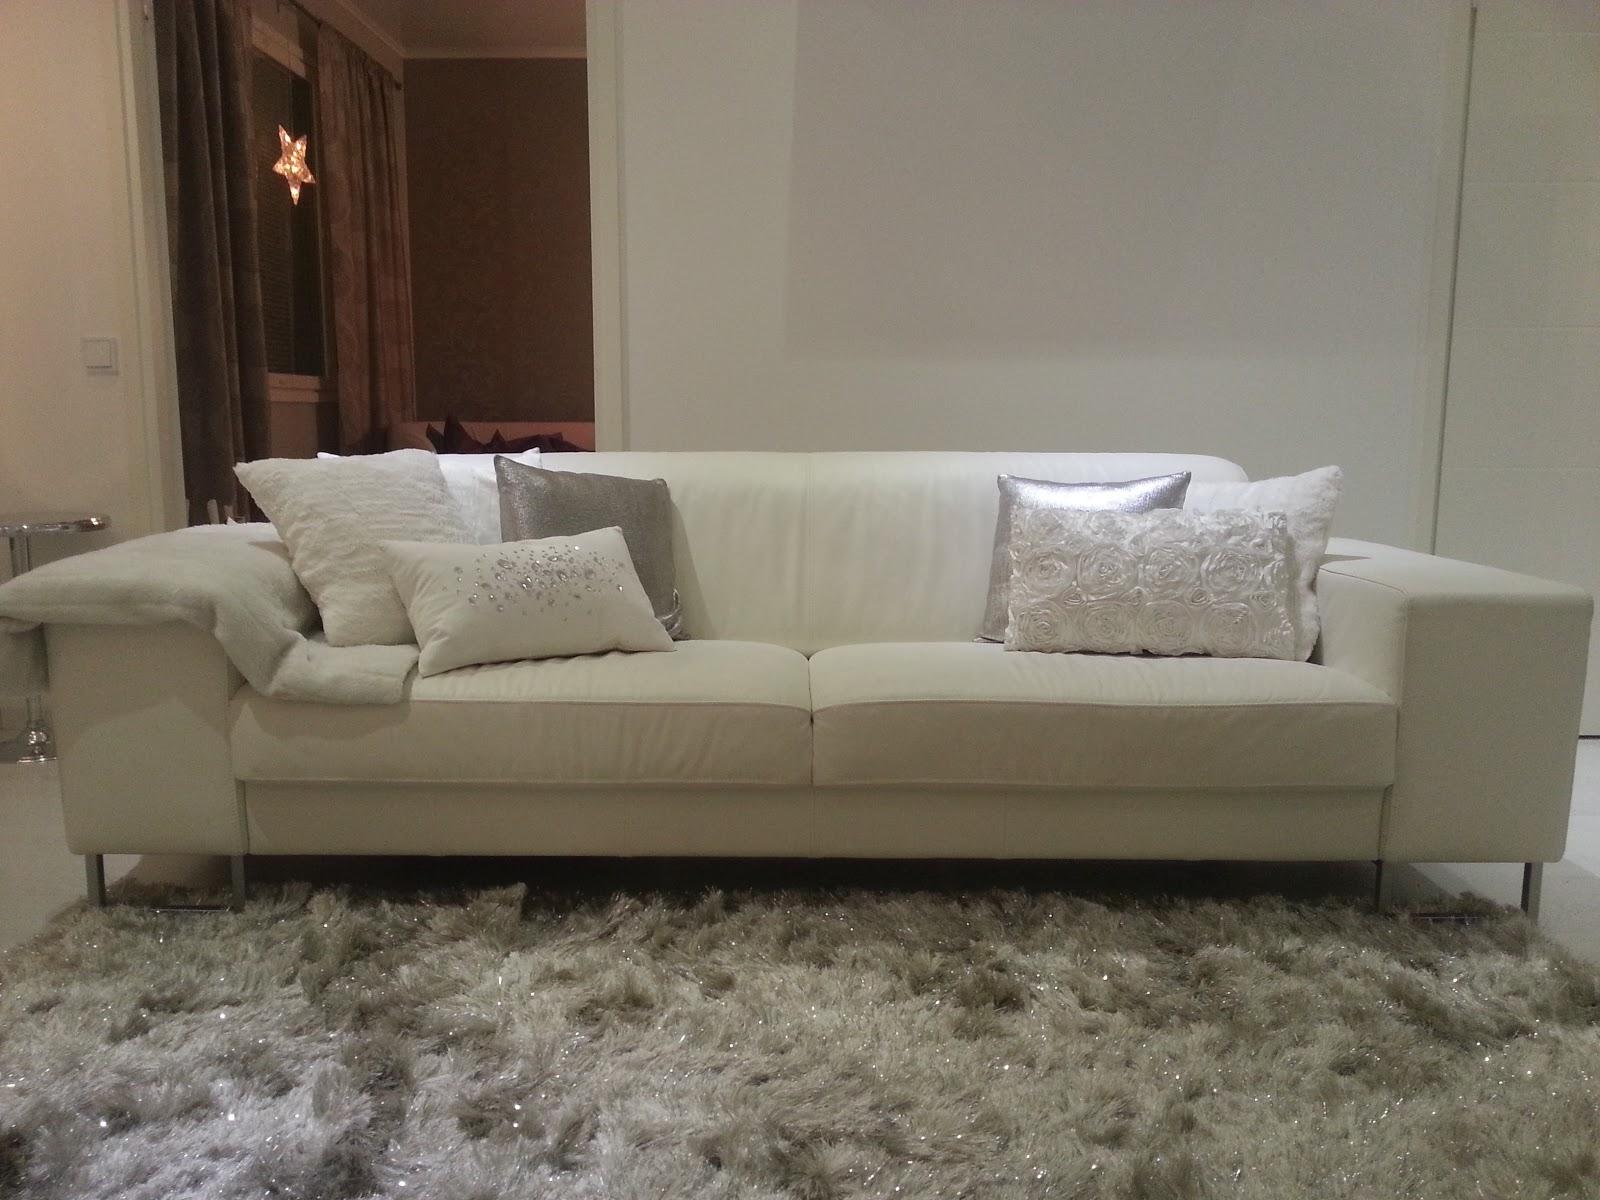 Olohuoneen Sohva : Maton oikea väri on vaalean hopea, vaikka välillä näyttää että ...